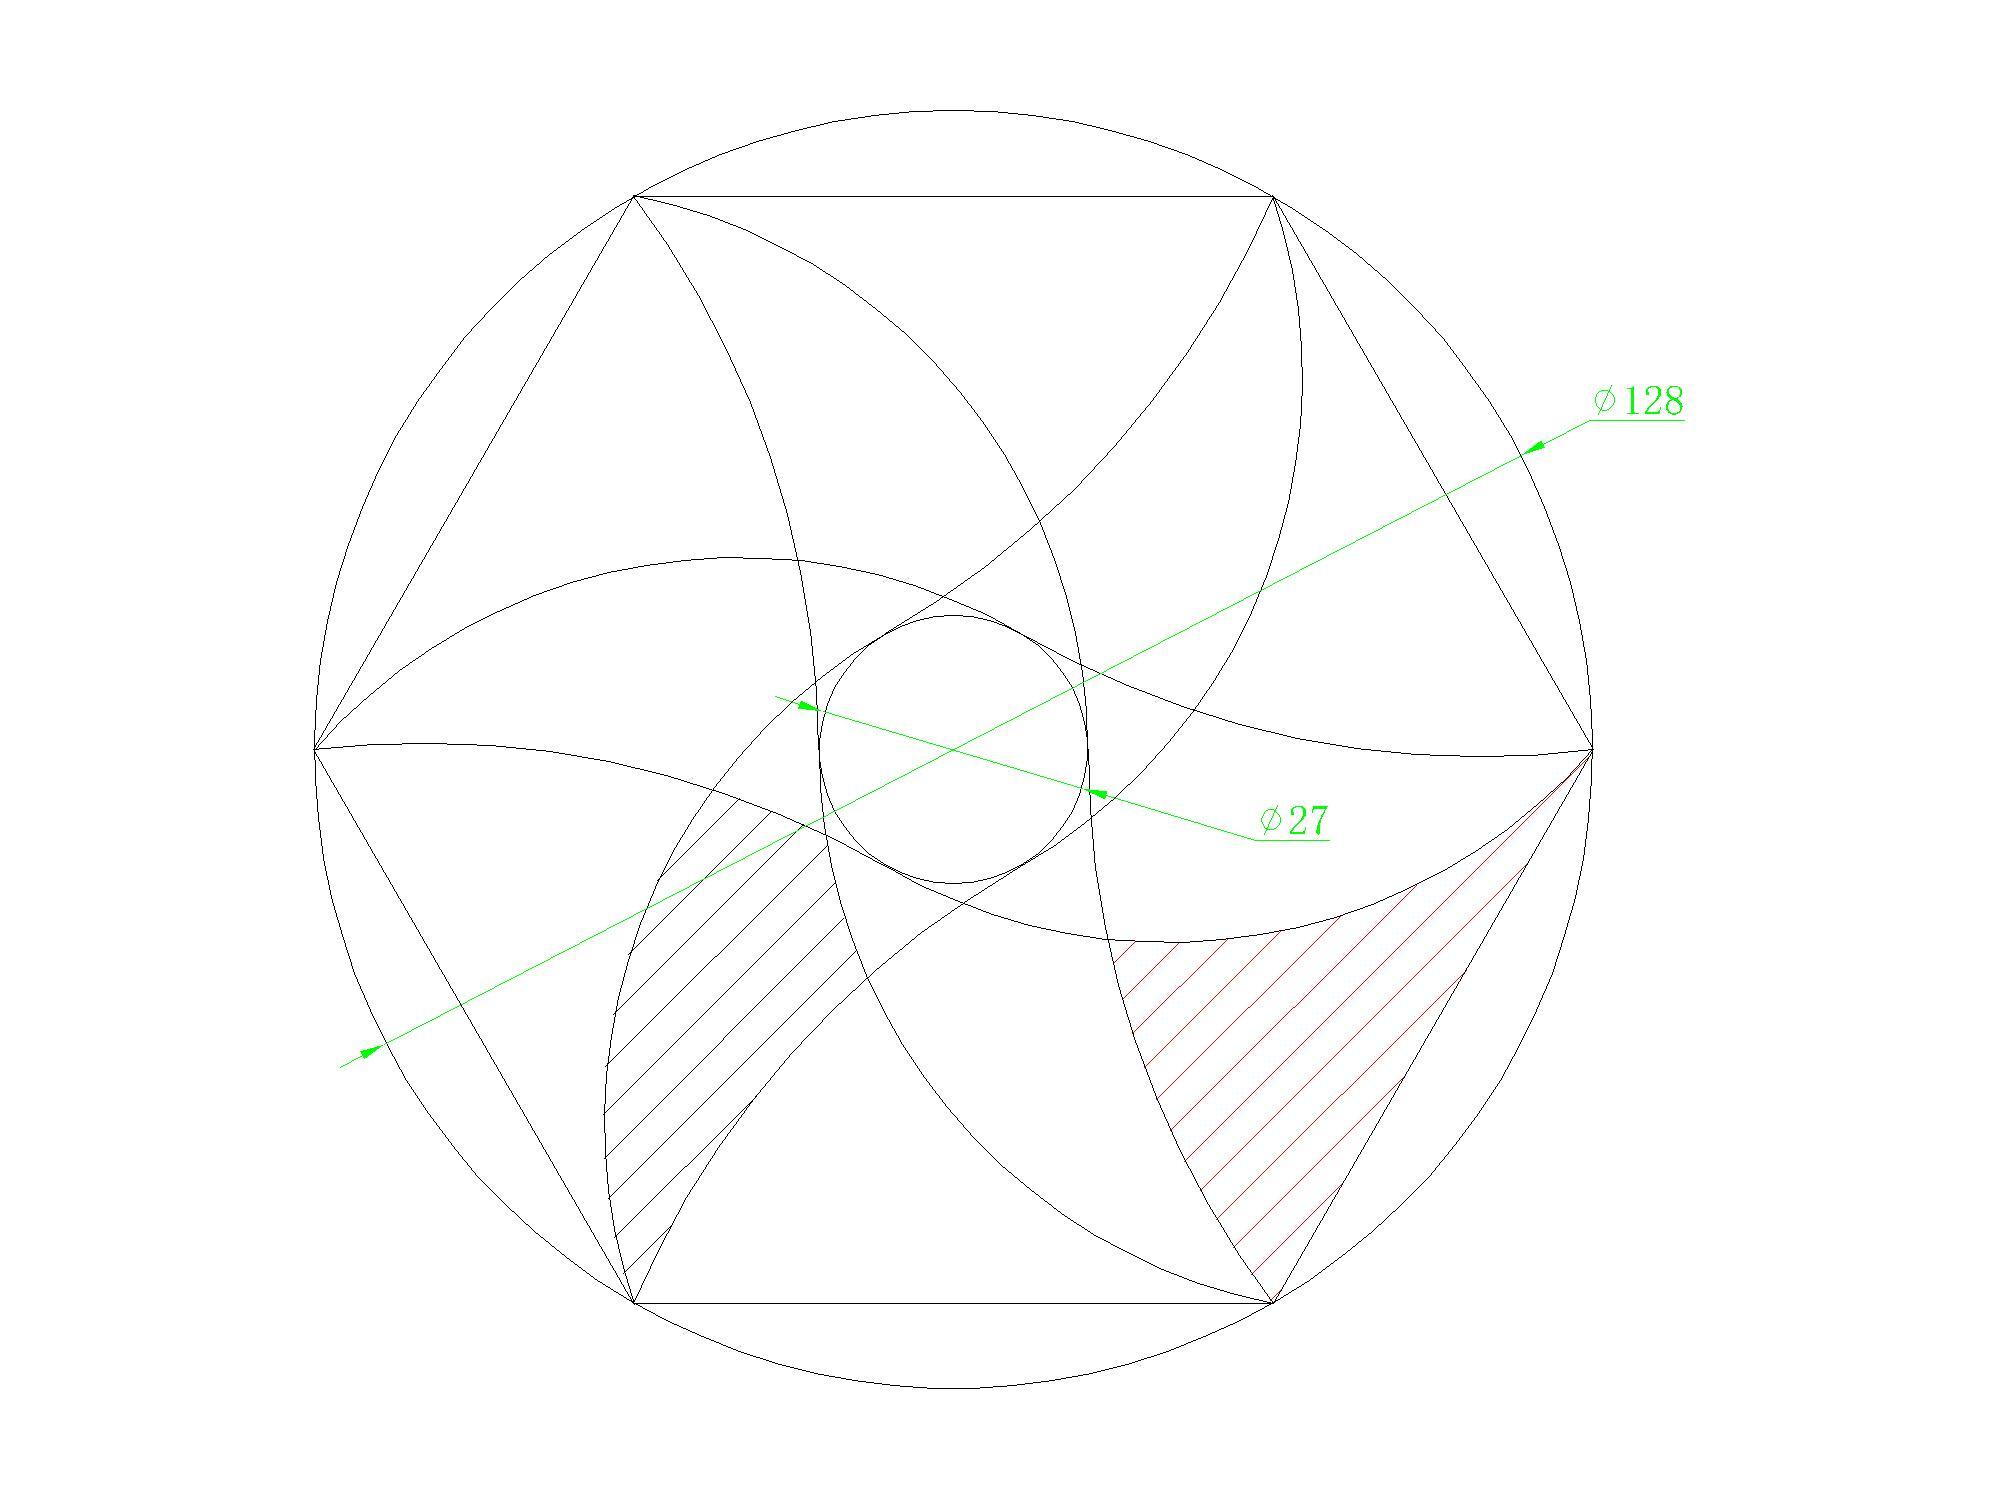 【求助】CAD初级点名贴里边,这些图纯粹无思cad练习批量导入图片